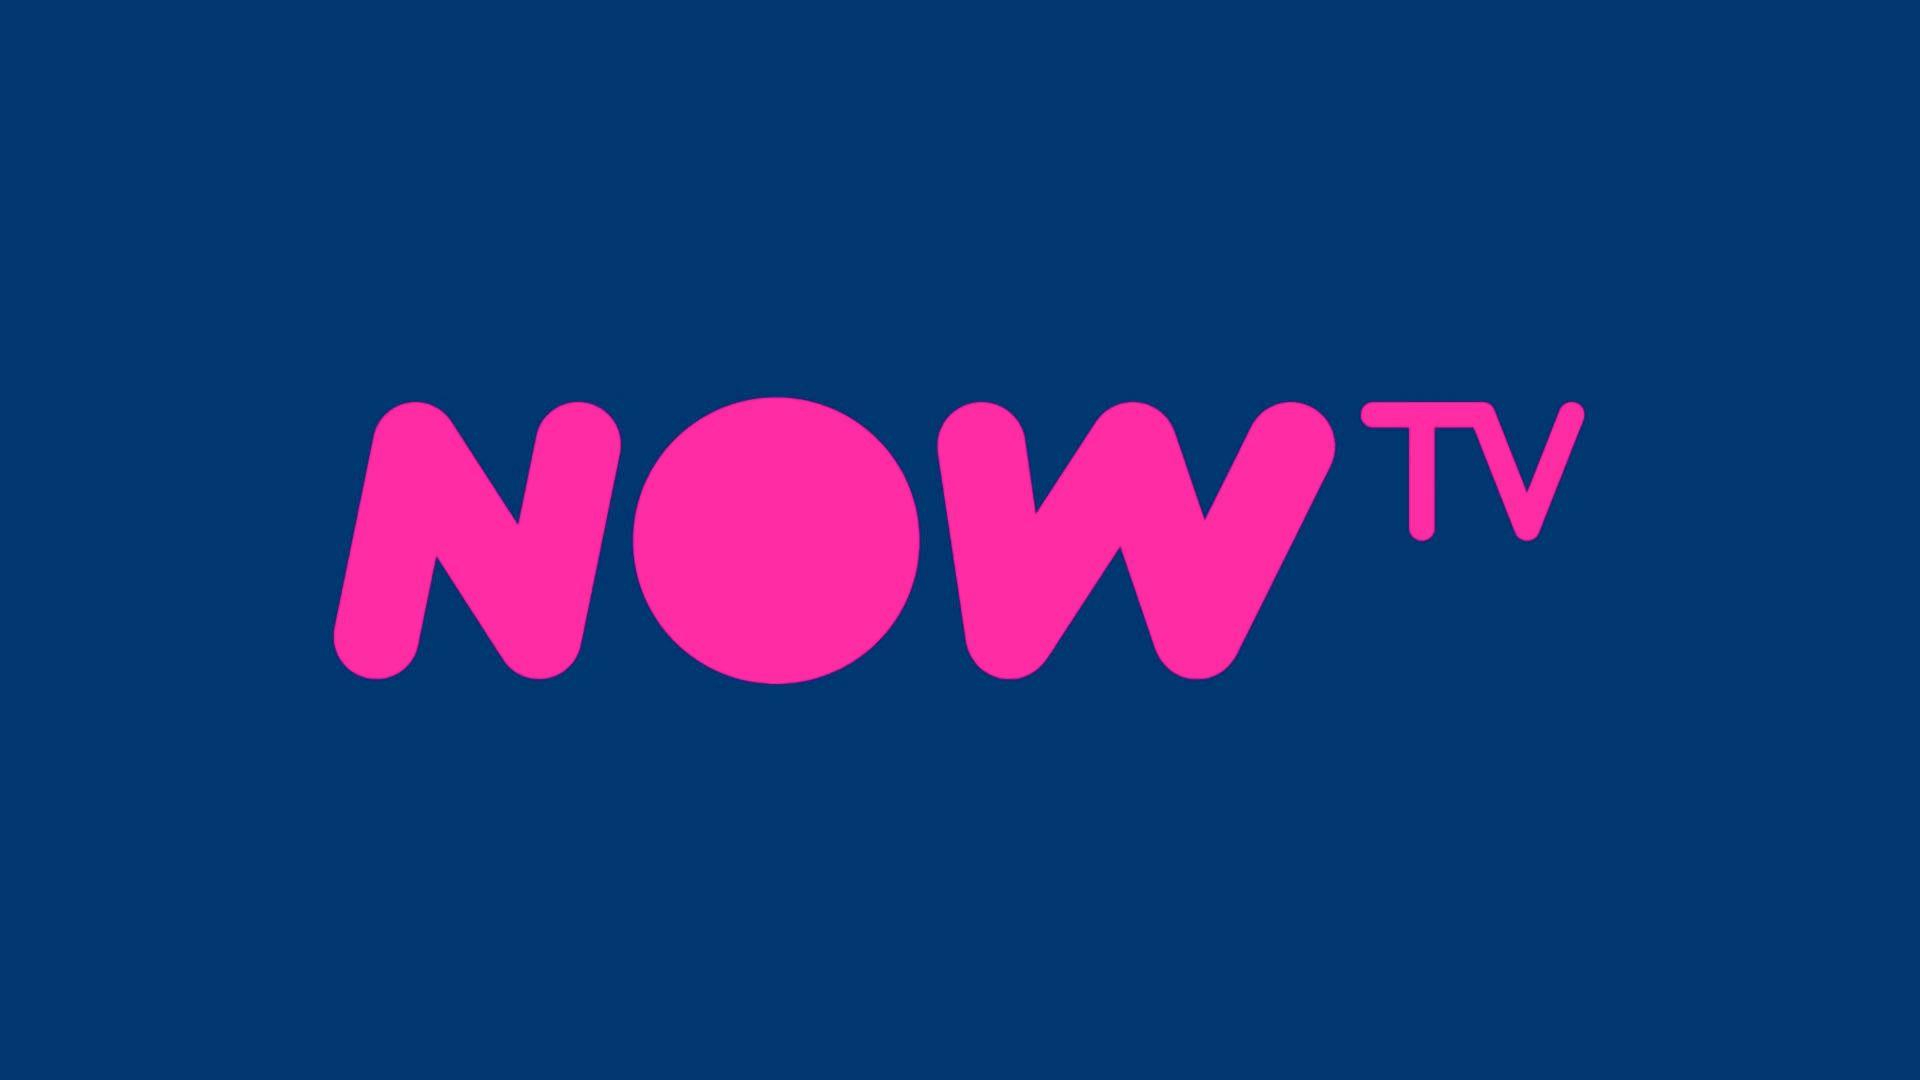 NOW TV aggiorna l'offerta introducendo nuovi Pass, anche per